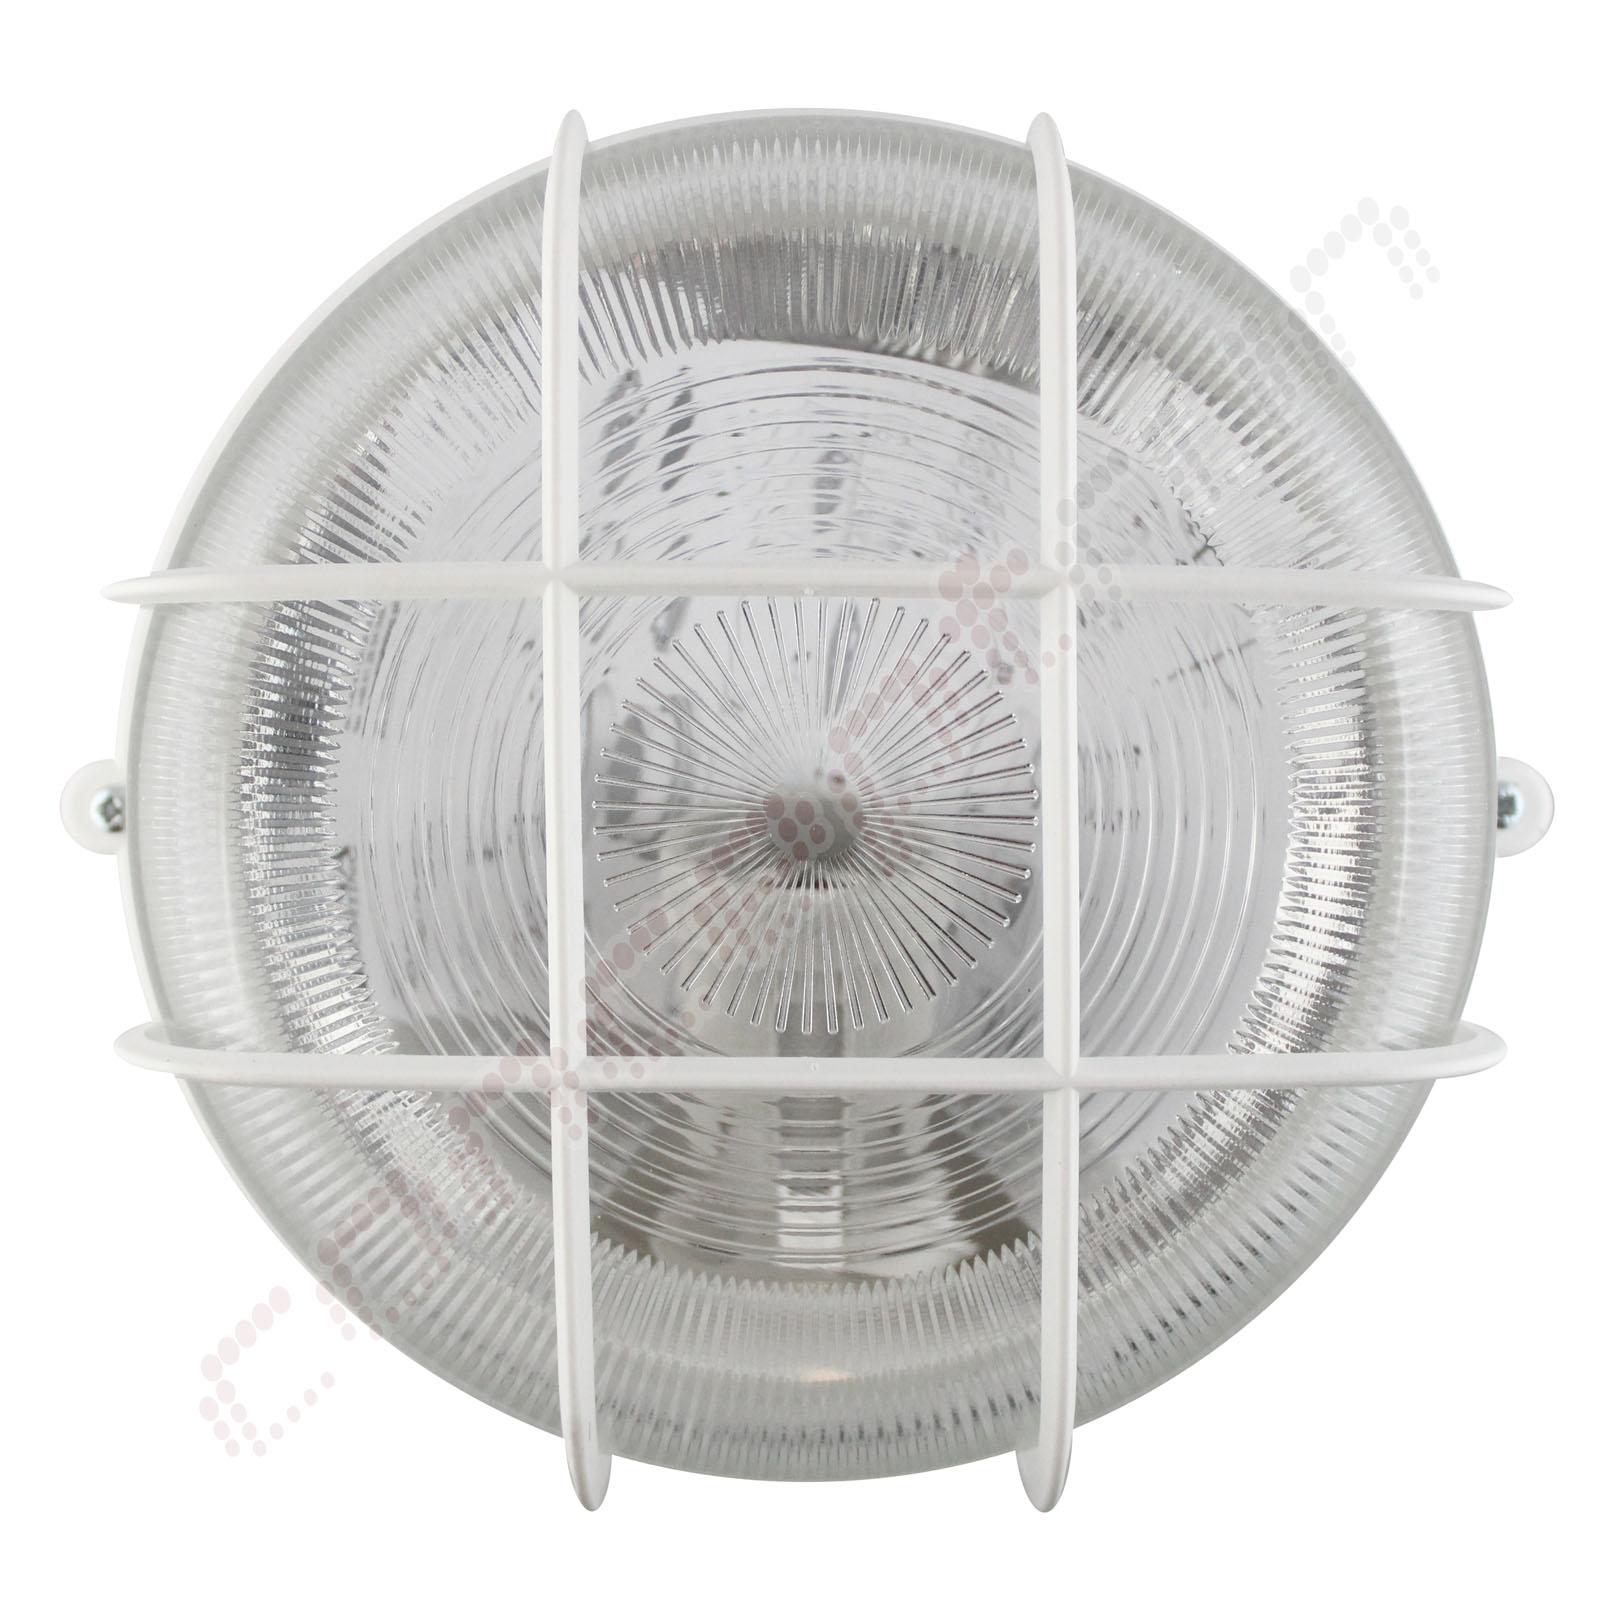 LED Wandleuchte Deckenleuchte Außenleuchte Keller Oval Rund Schiffsarmatur 230V